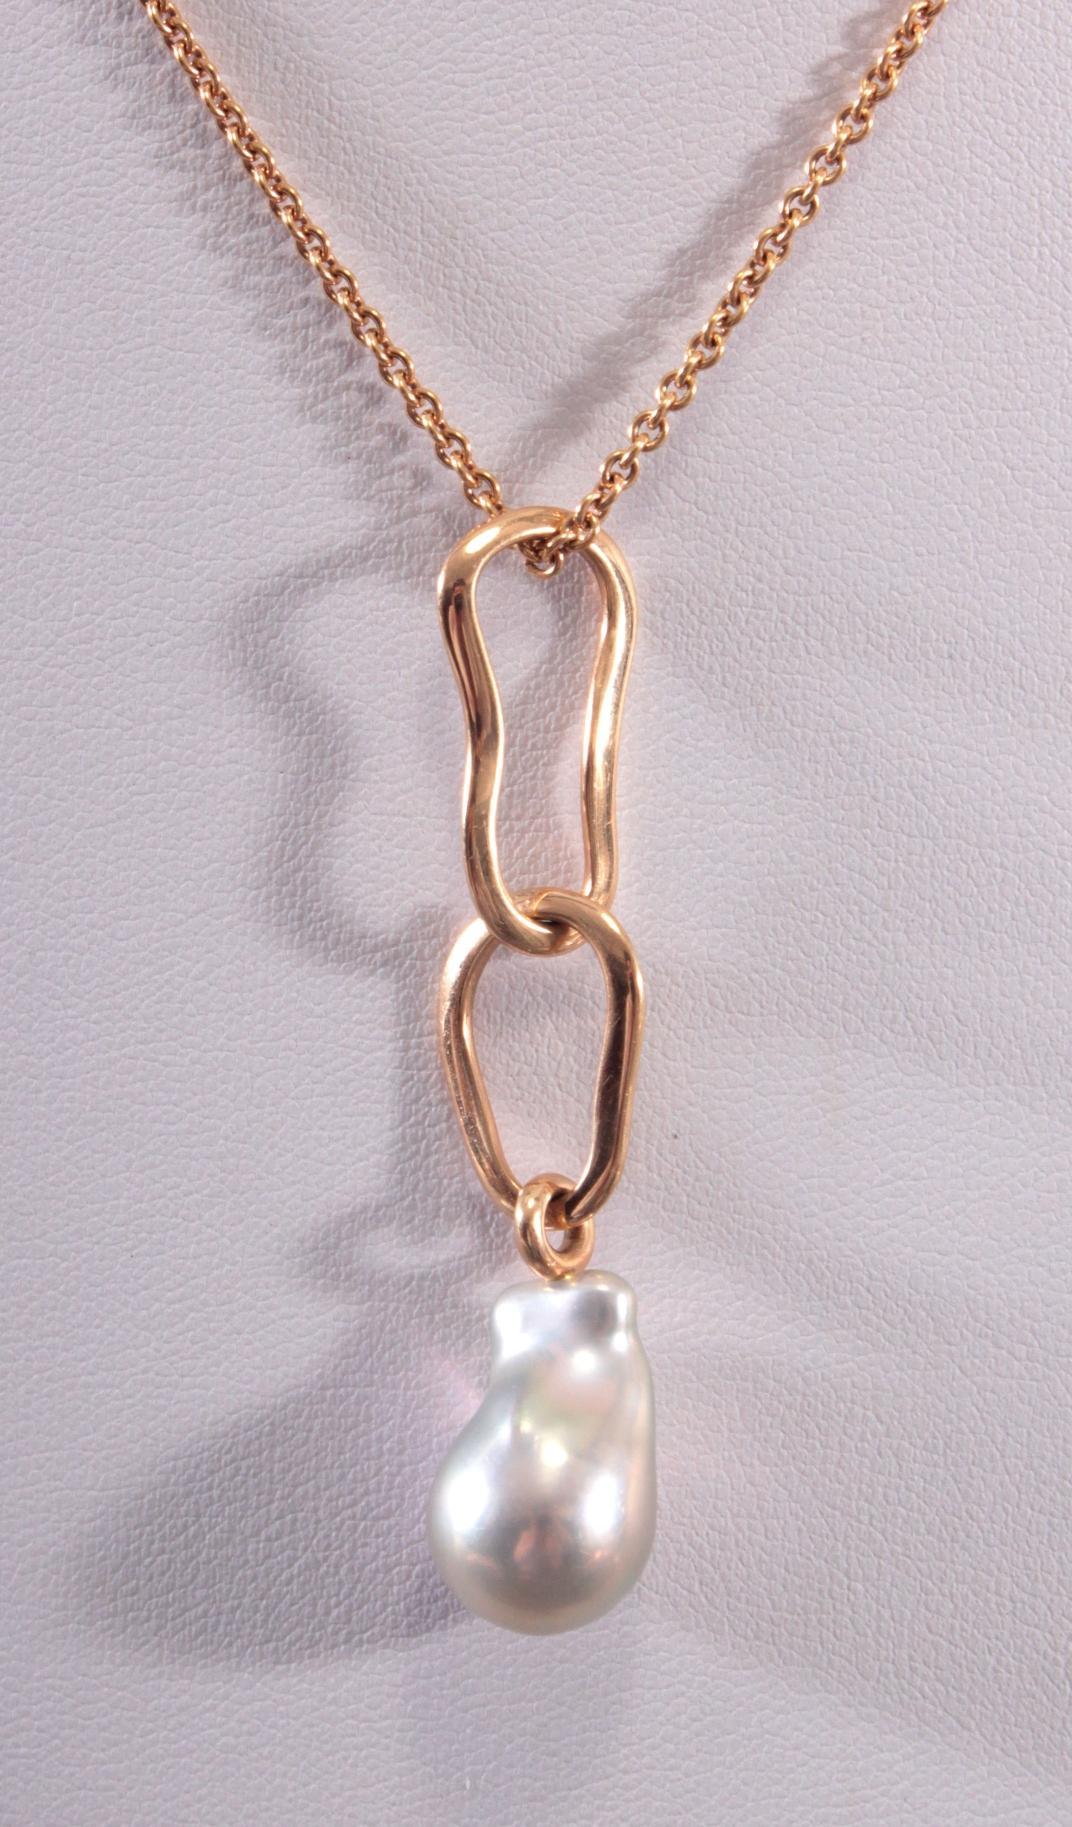 Halskette mit Süßwasserperlen-Anhänger aus 18 Karat Gelbgold, Schoeffel-2